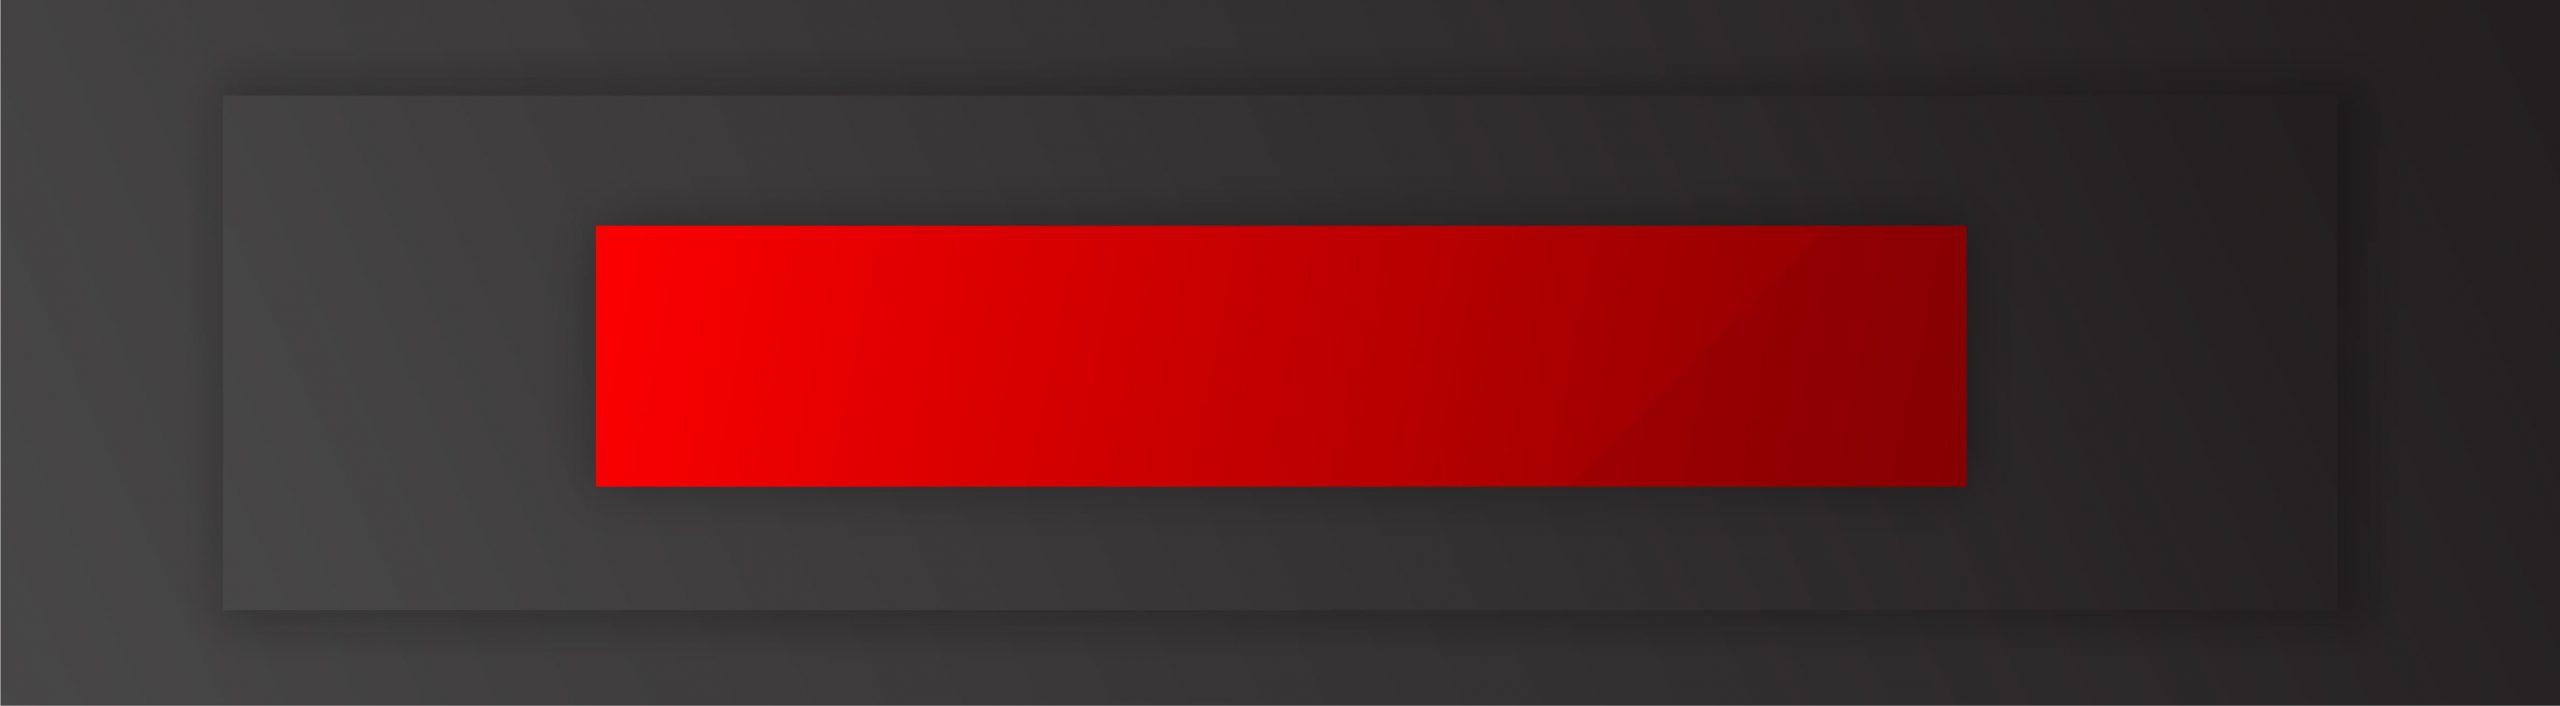 slider banner - zitline 2